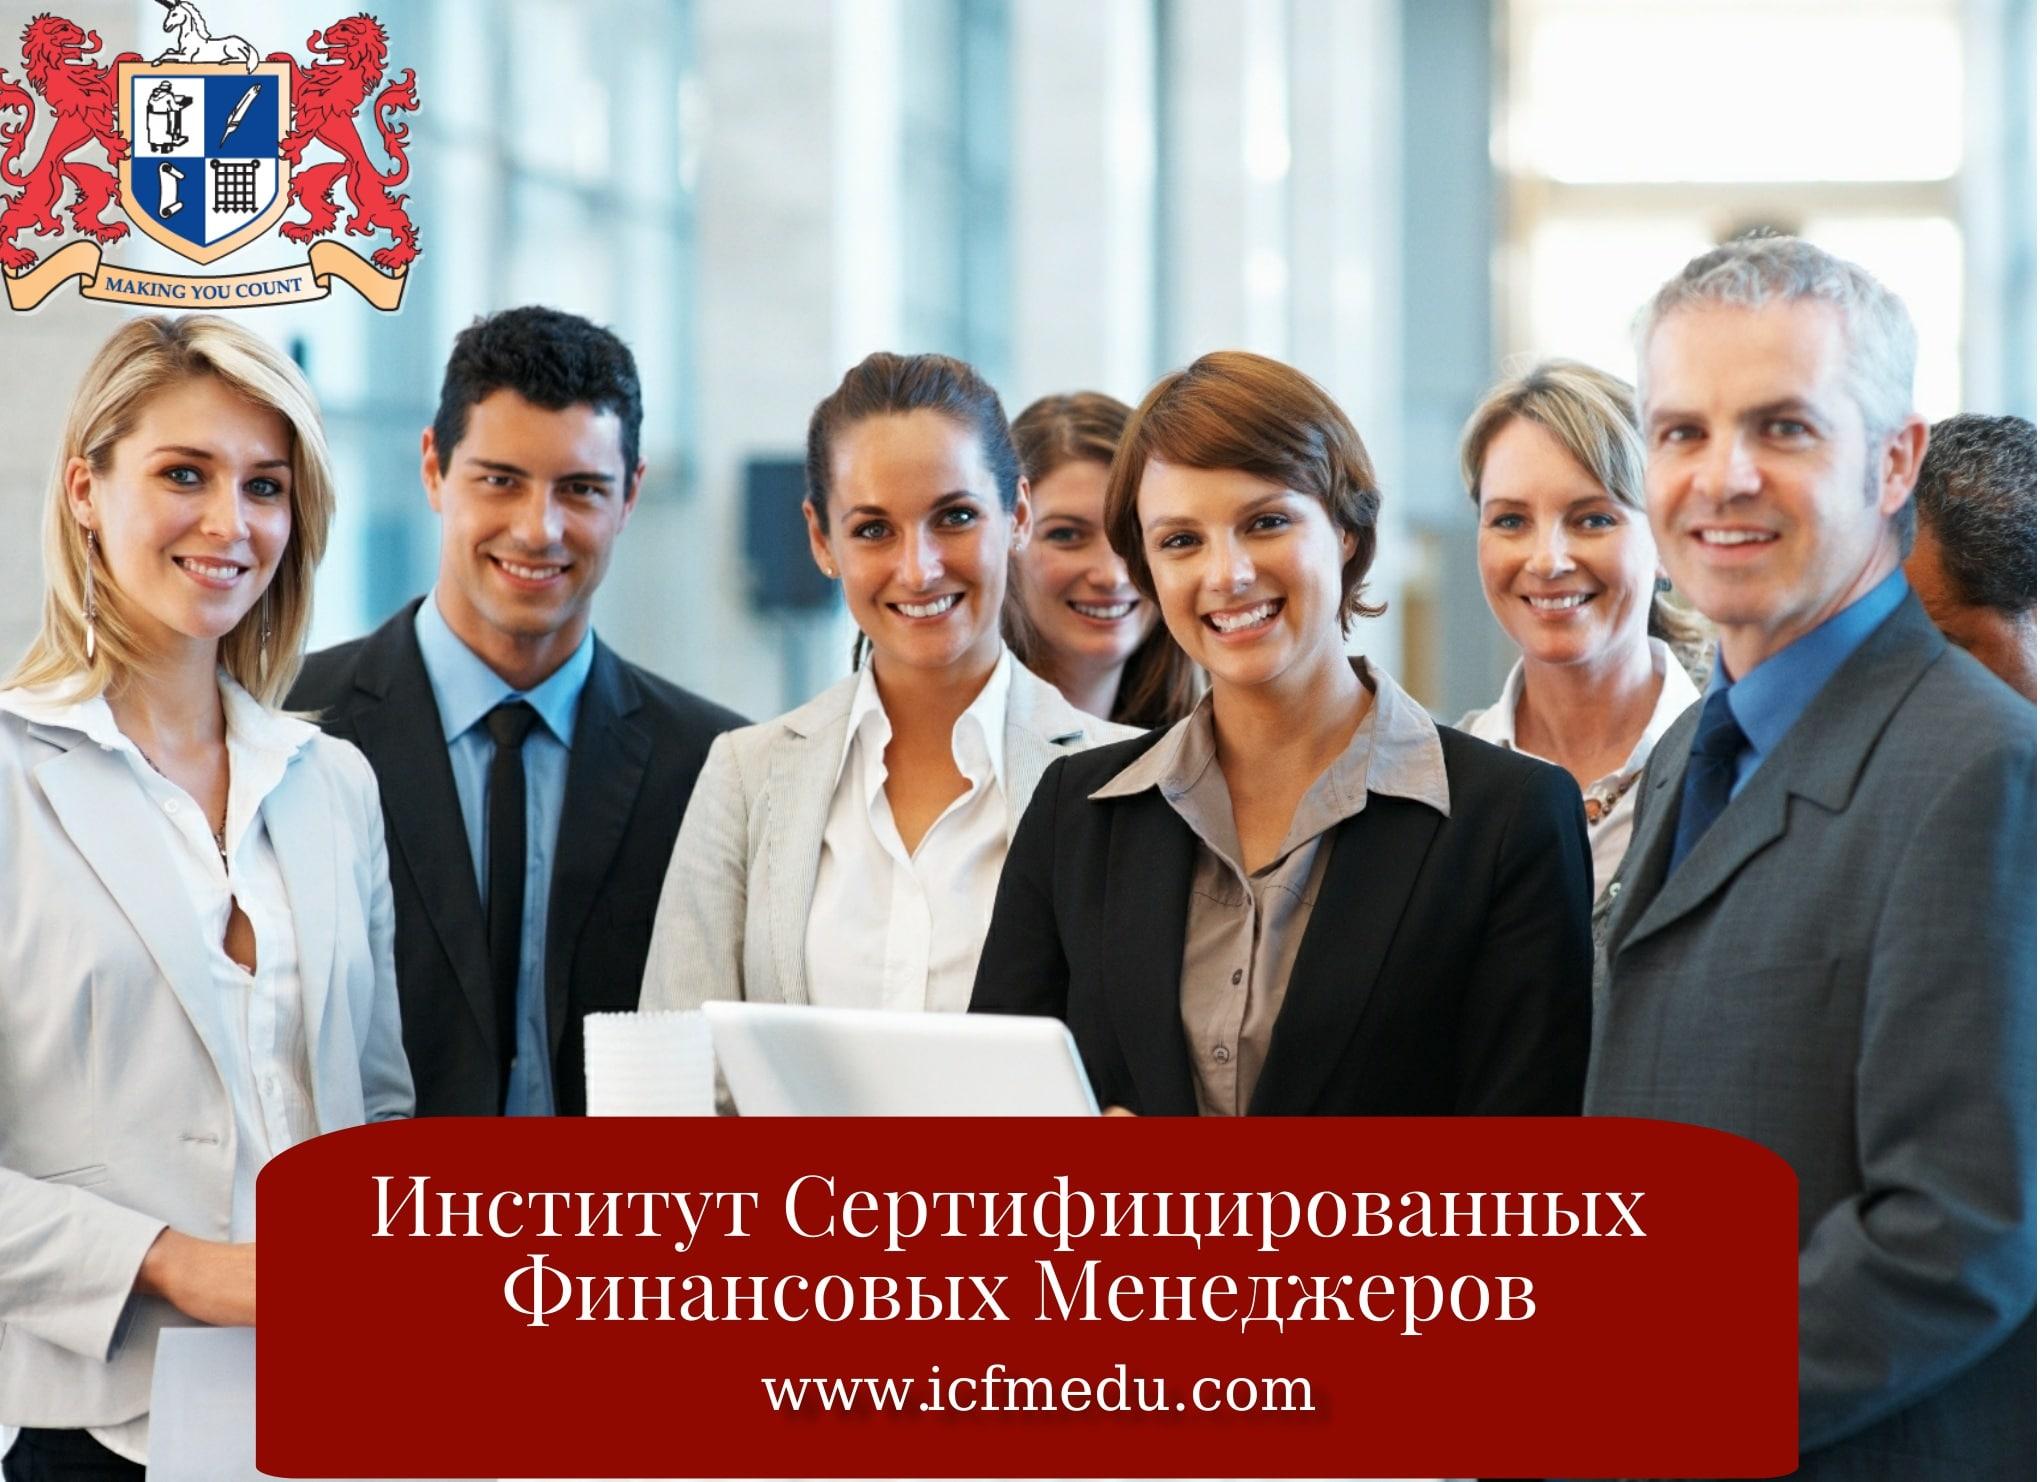 quality site managem ccsa - HD1800×1200